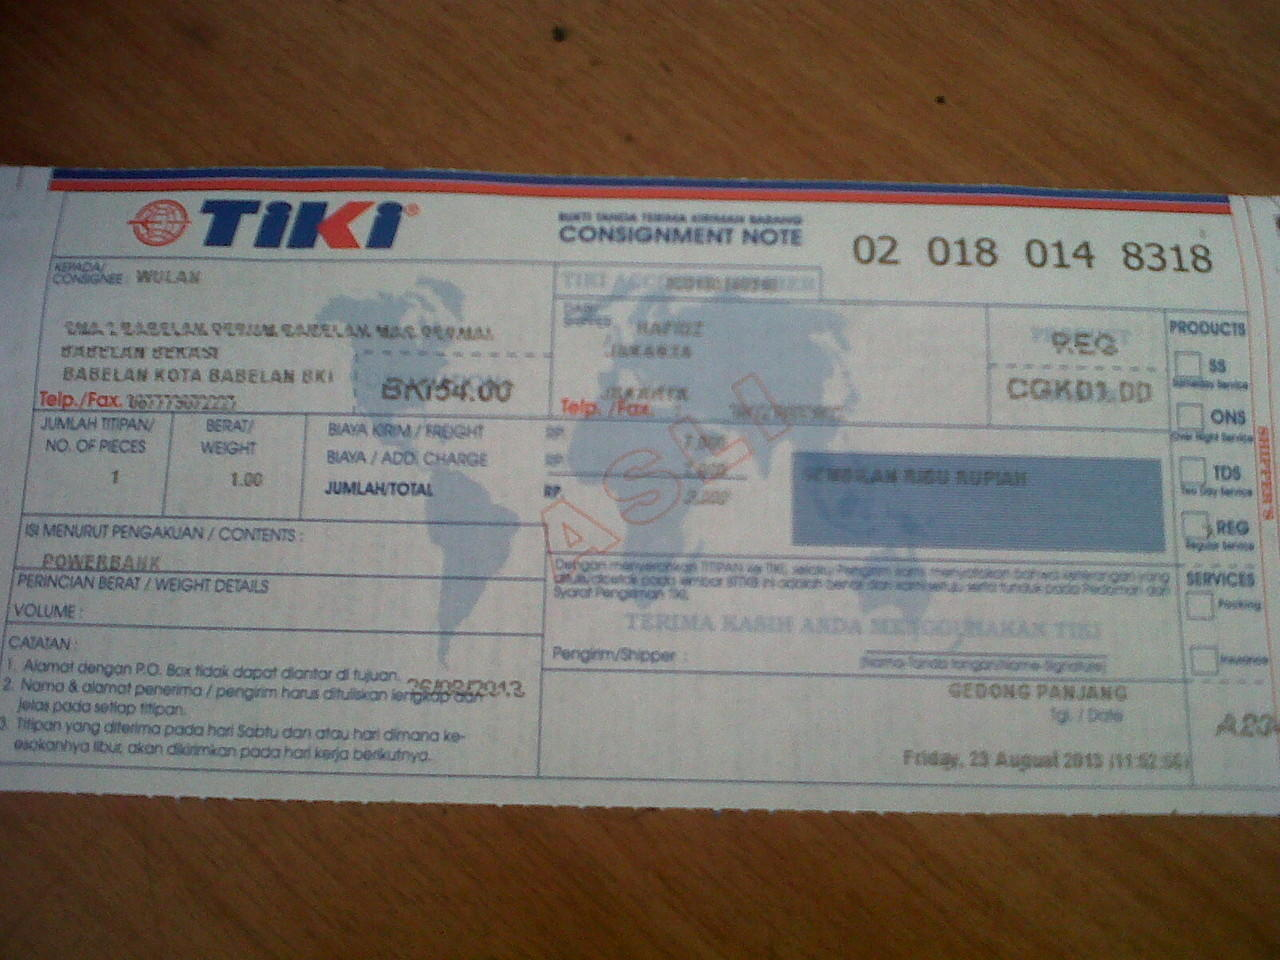 LAGI BOOMING POWERBANK KNY 3000 MAH !!!!!